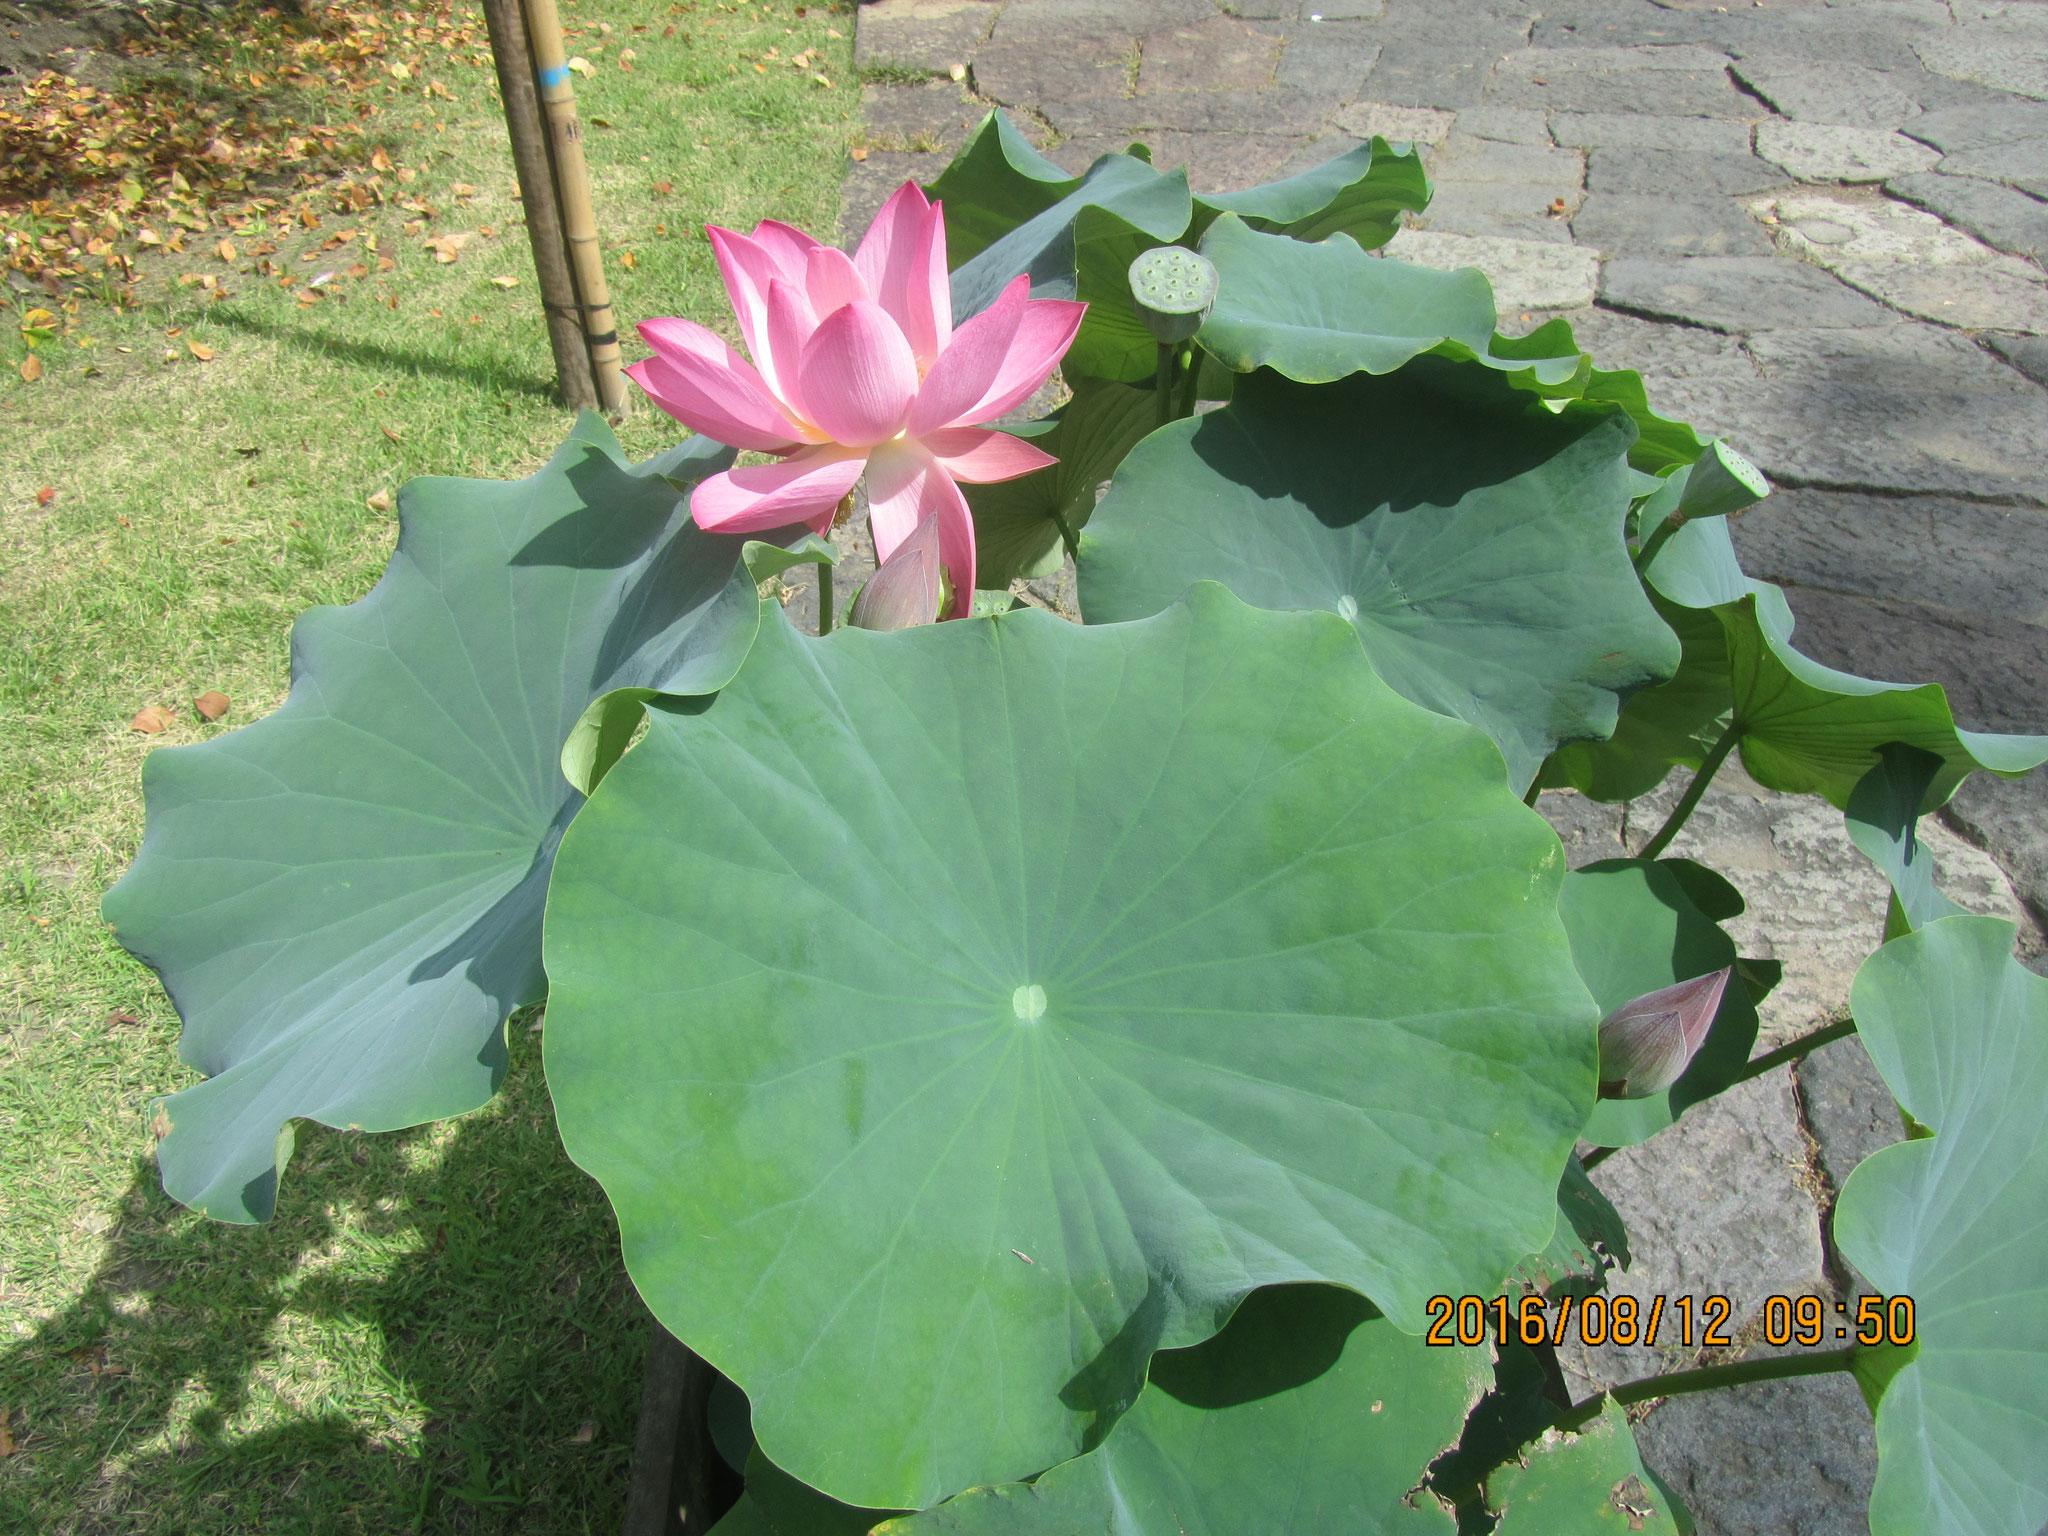 ハスの花が、昌幸・信繁と信幸との悲しい別れを哀れむように、悲しげに咲いていました。